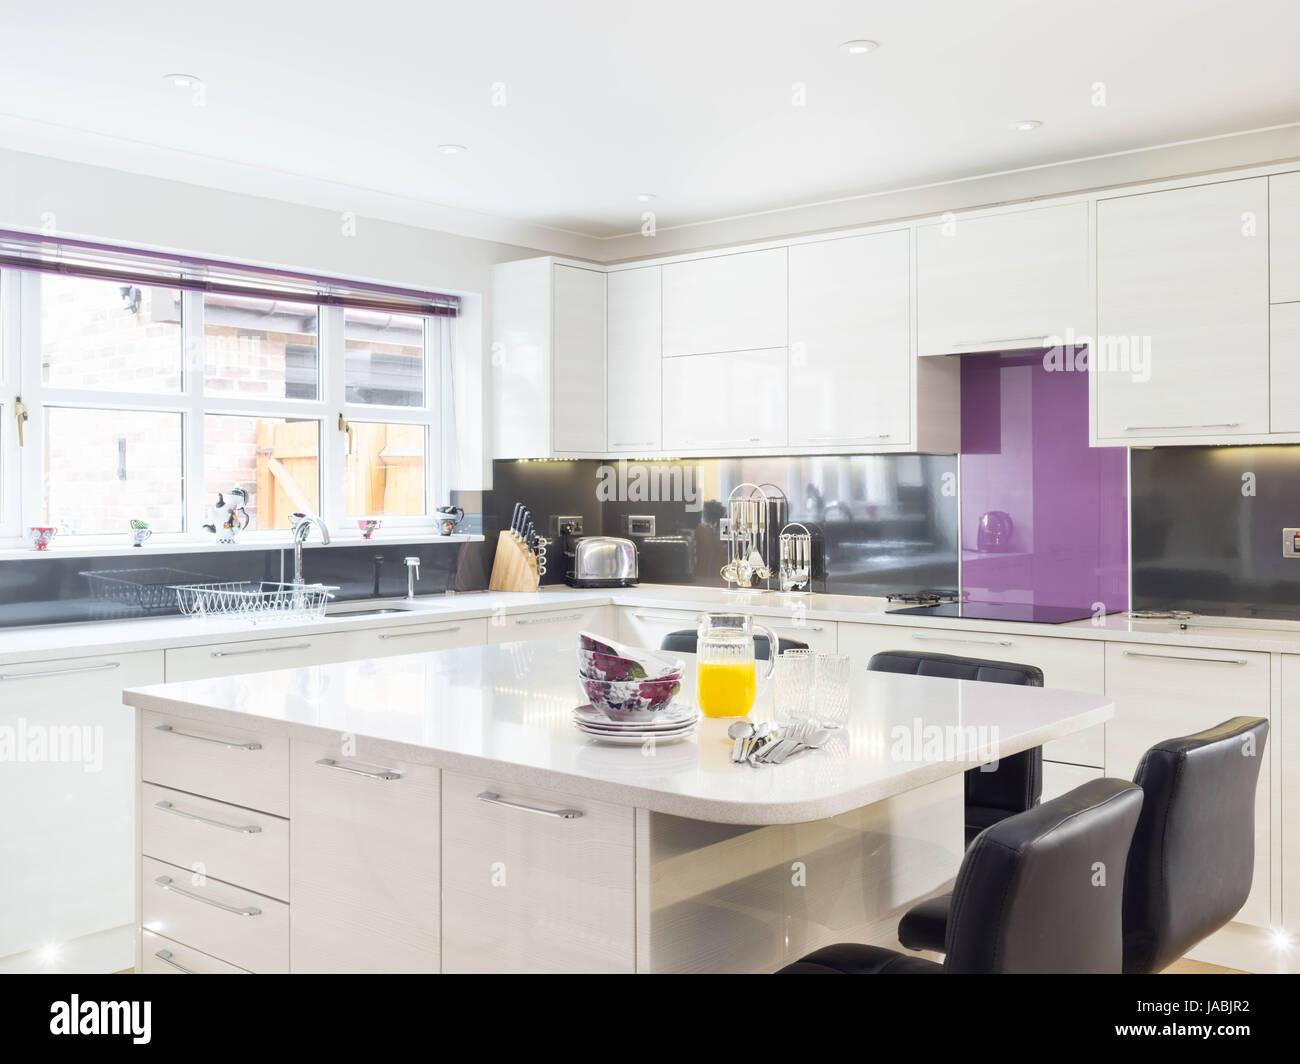 A Kitchen Island Breakfast Bar In A Modern Designer